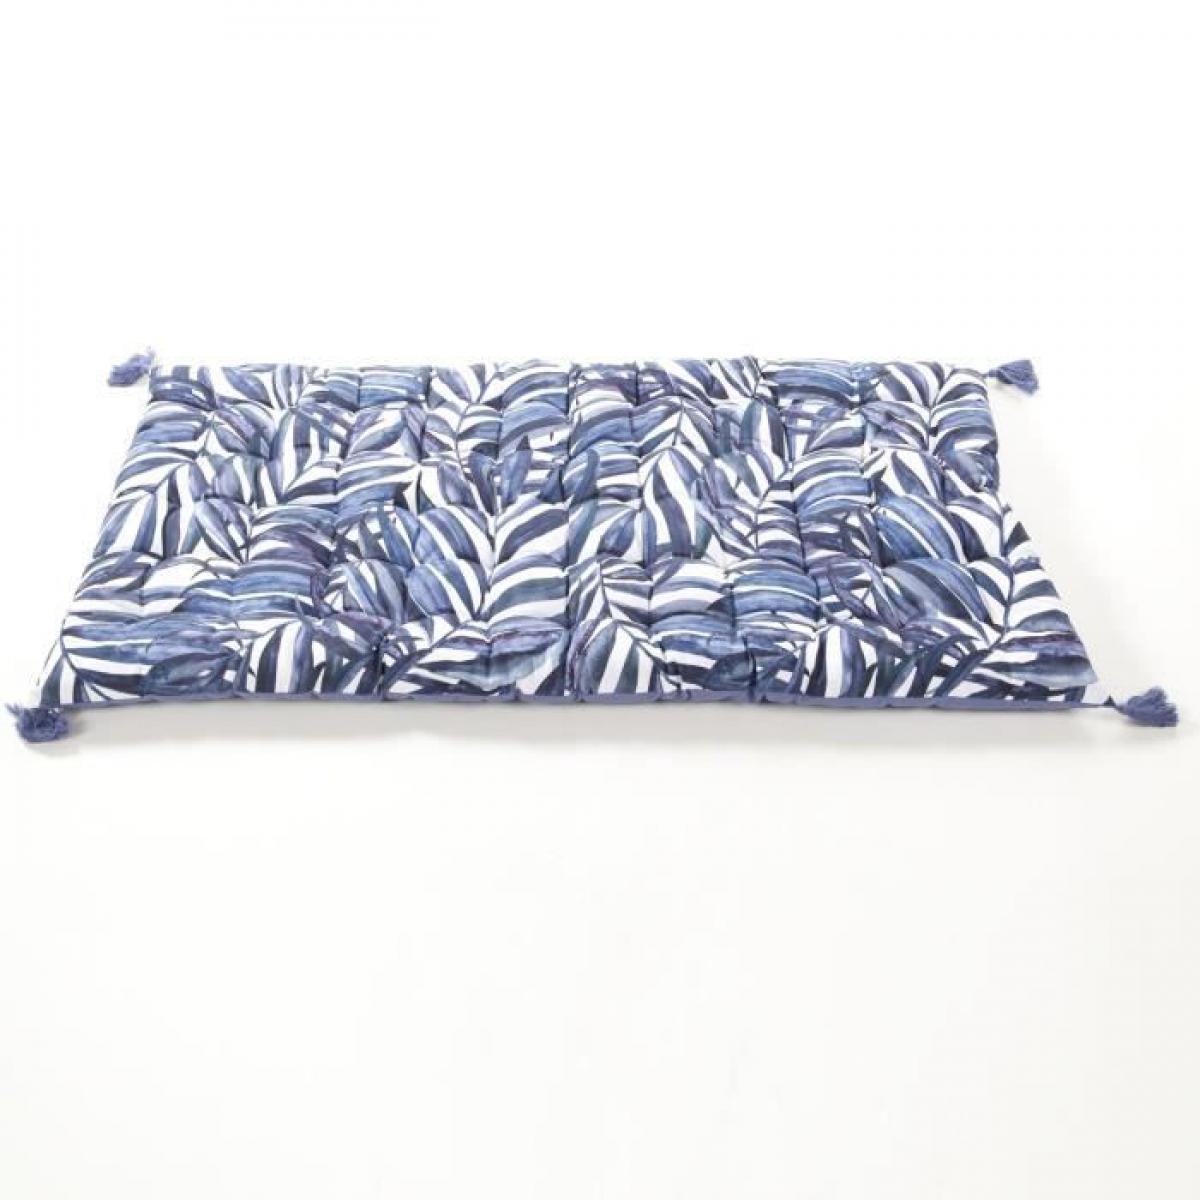 Cotton Wood COTTON WOOD Matelas de sol souple coton imprimé - 60 x 120 x 5 cm - Blue Palm